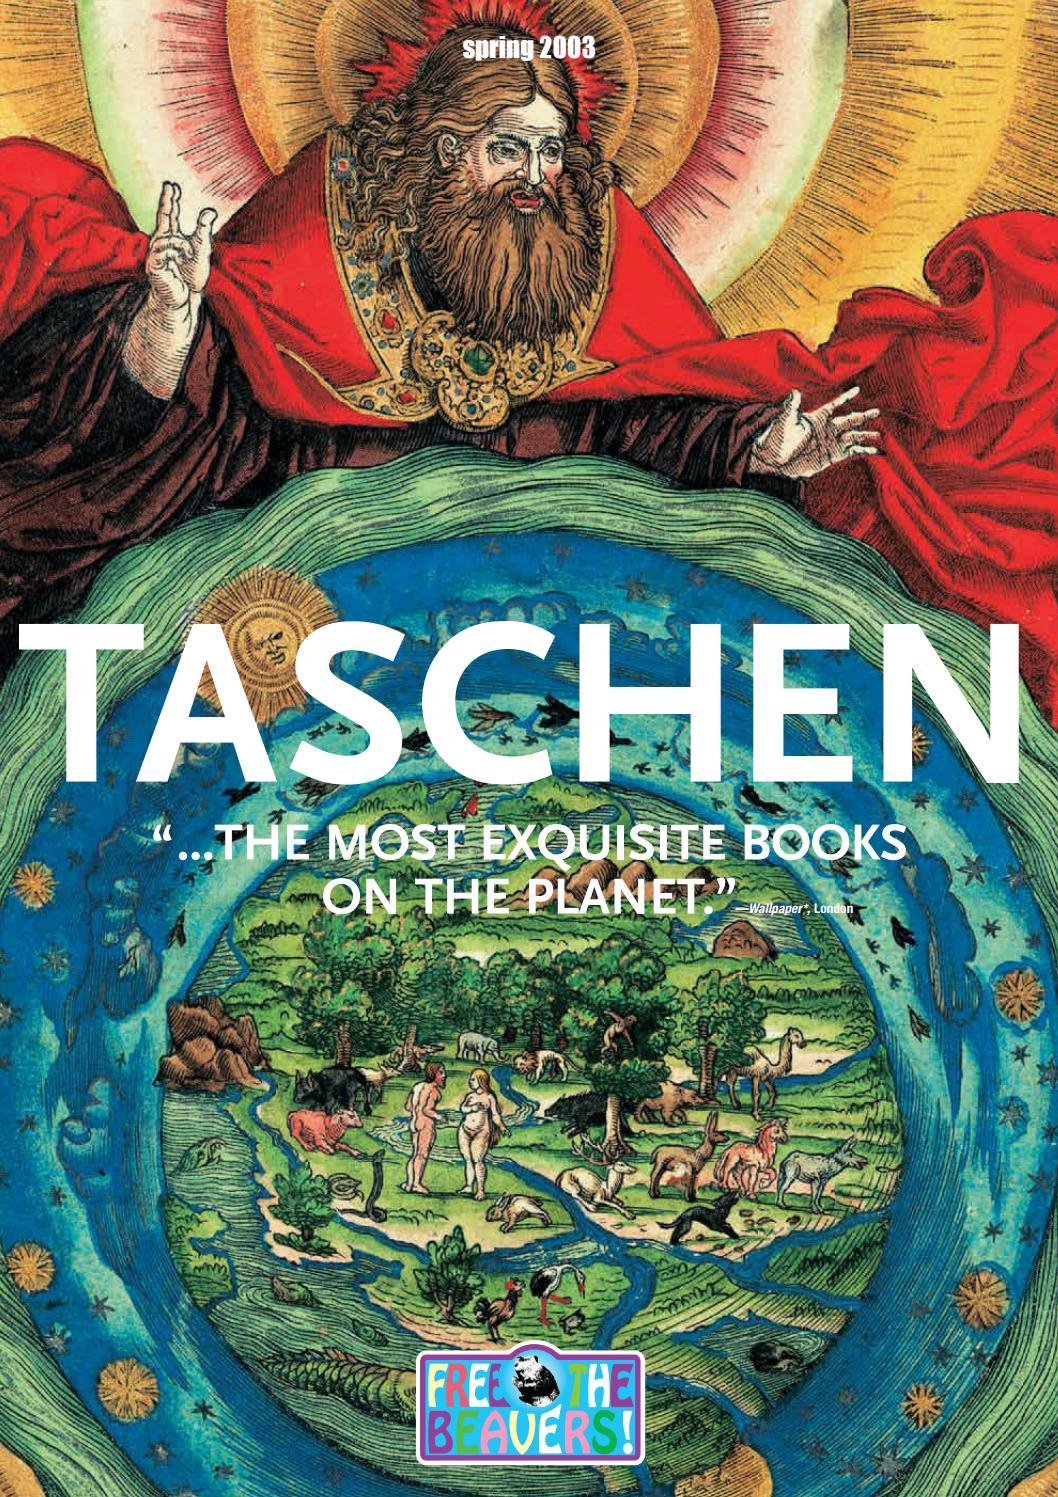 TASCHEN Magazine Spring 2003 by TASCHEN - issuu